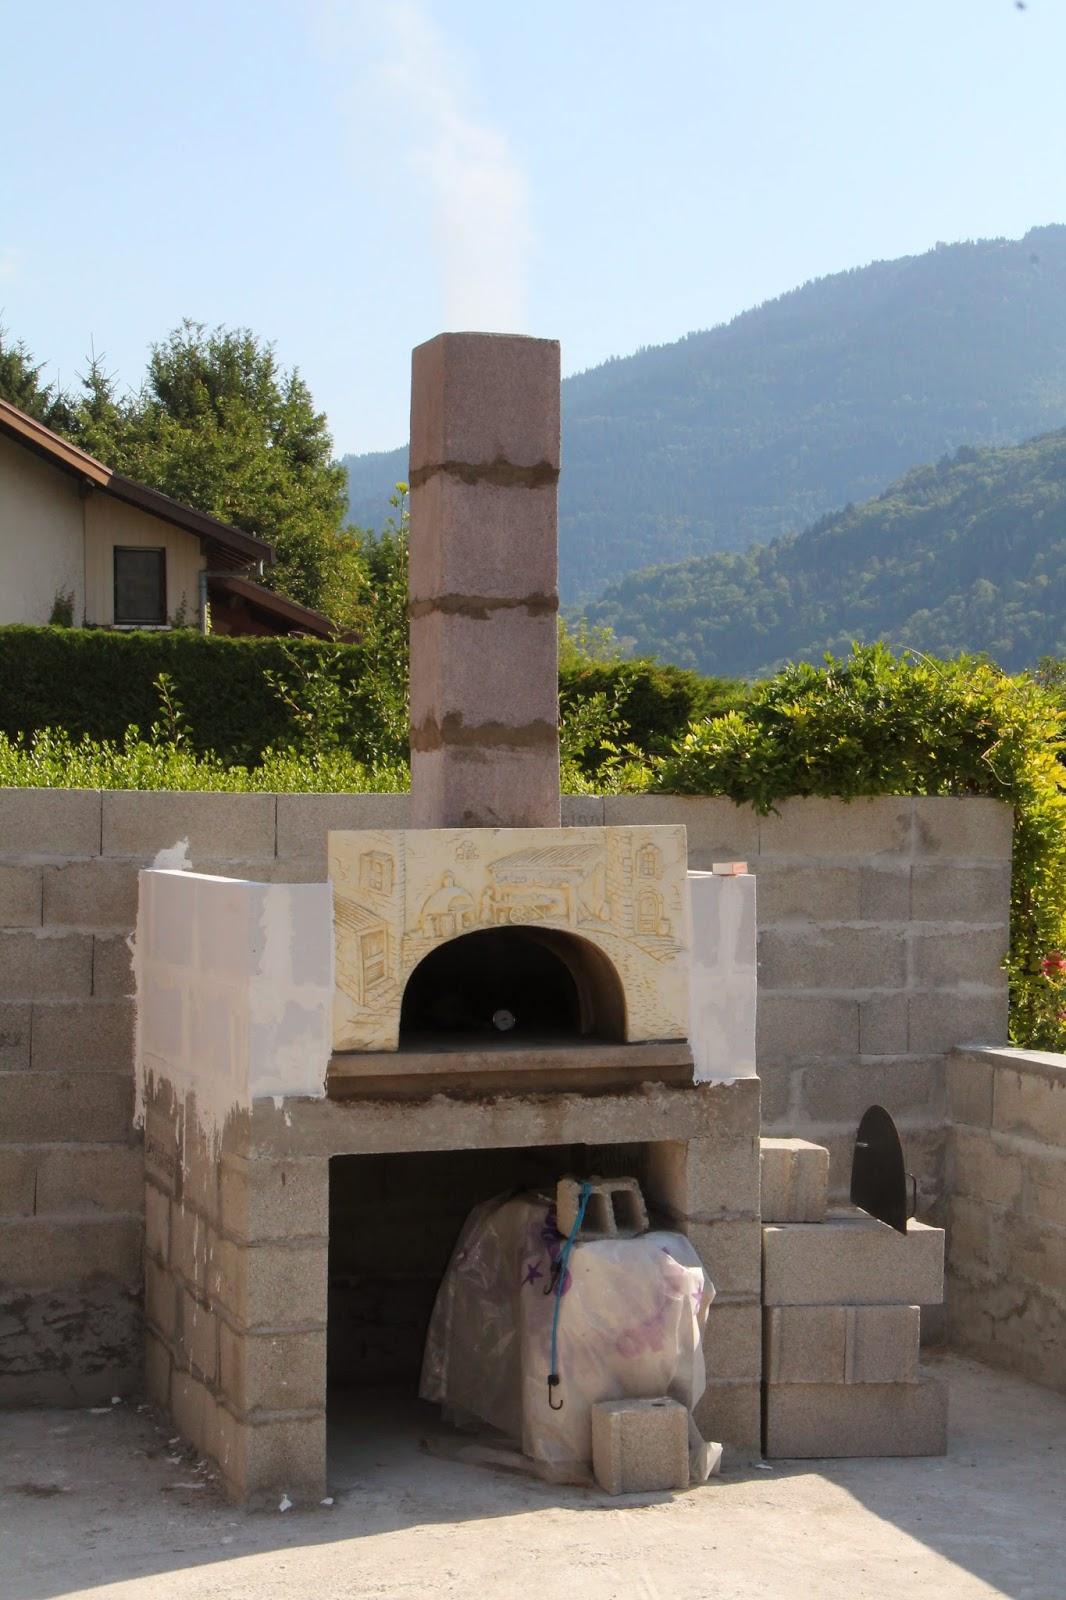 Steph pizza montage du four - Monter un mur en siporex exterieur ...